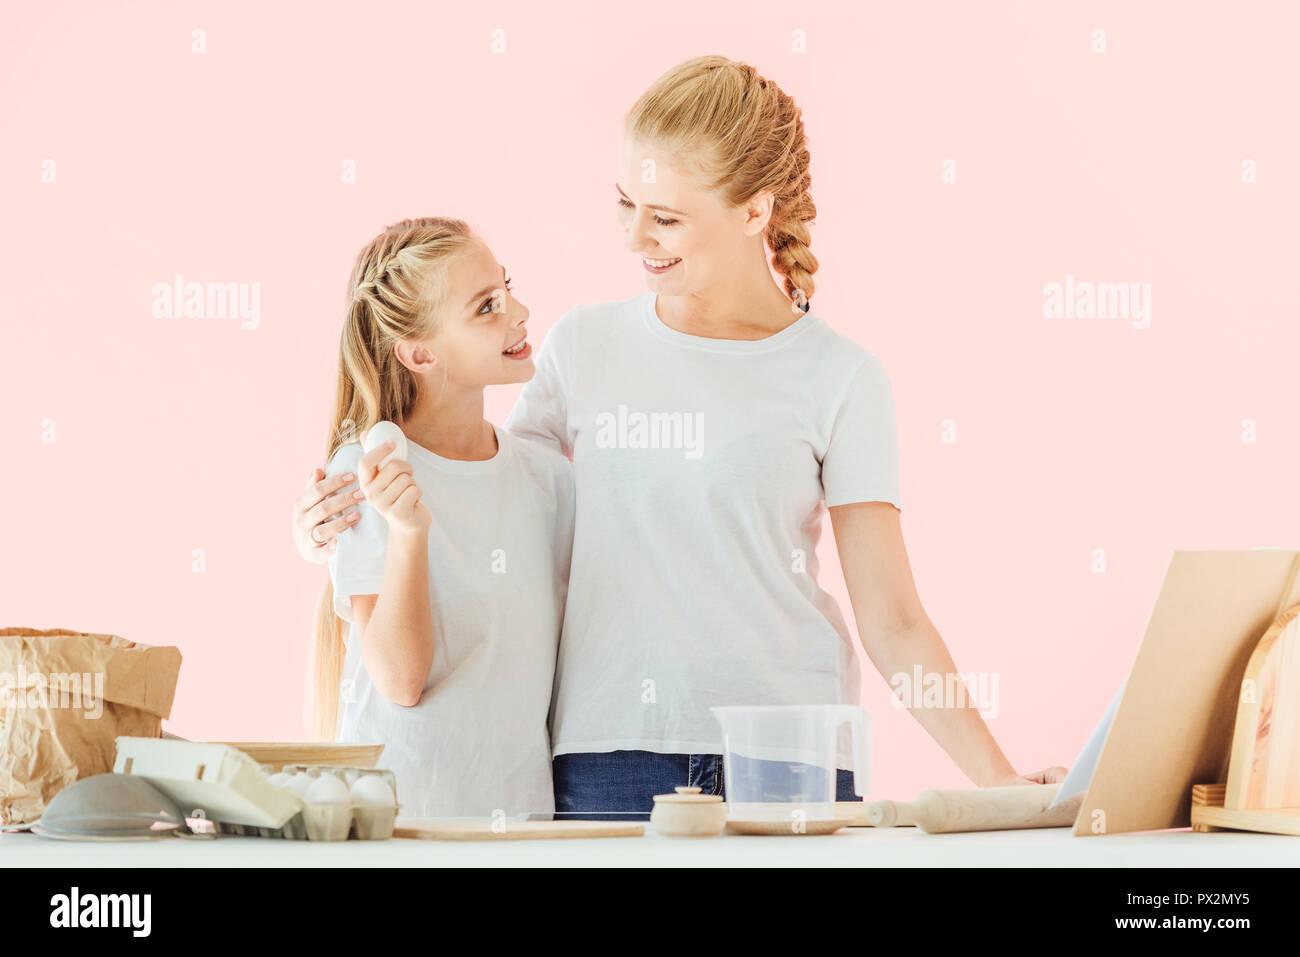 Madre joven y adorable hija pequeña en t-Shirts blancos mirando el uno al otro durante la cocción aislado en rosa Imagen De Stock